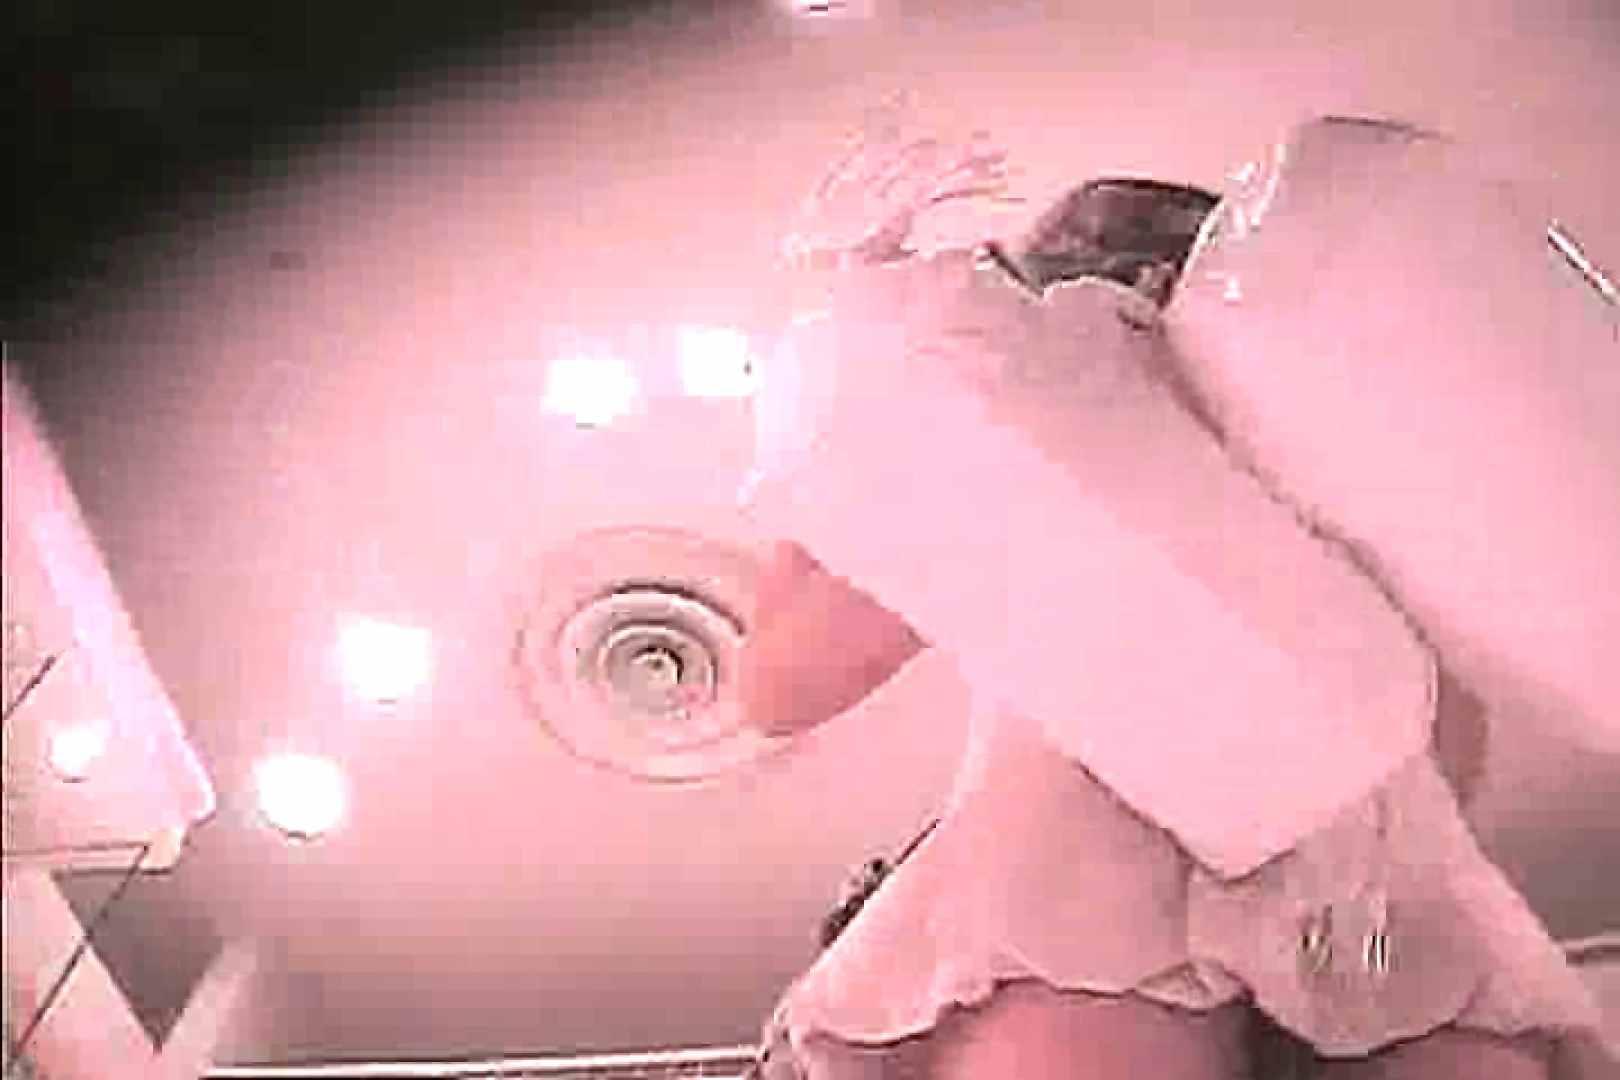 ショップ店員のパンチラアクシデント Vol.11 OLの実態 覗きおまんこ画像 89pic 44